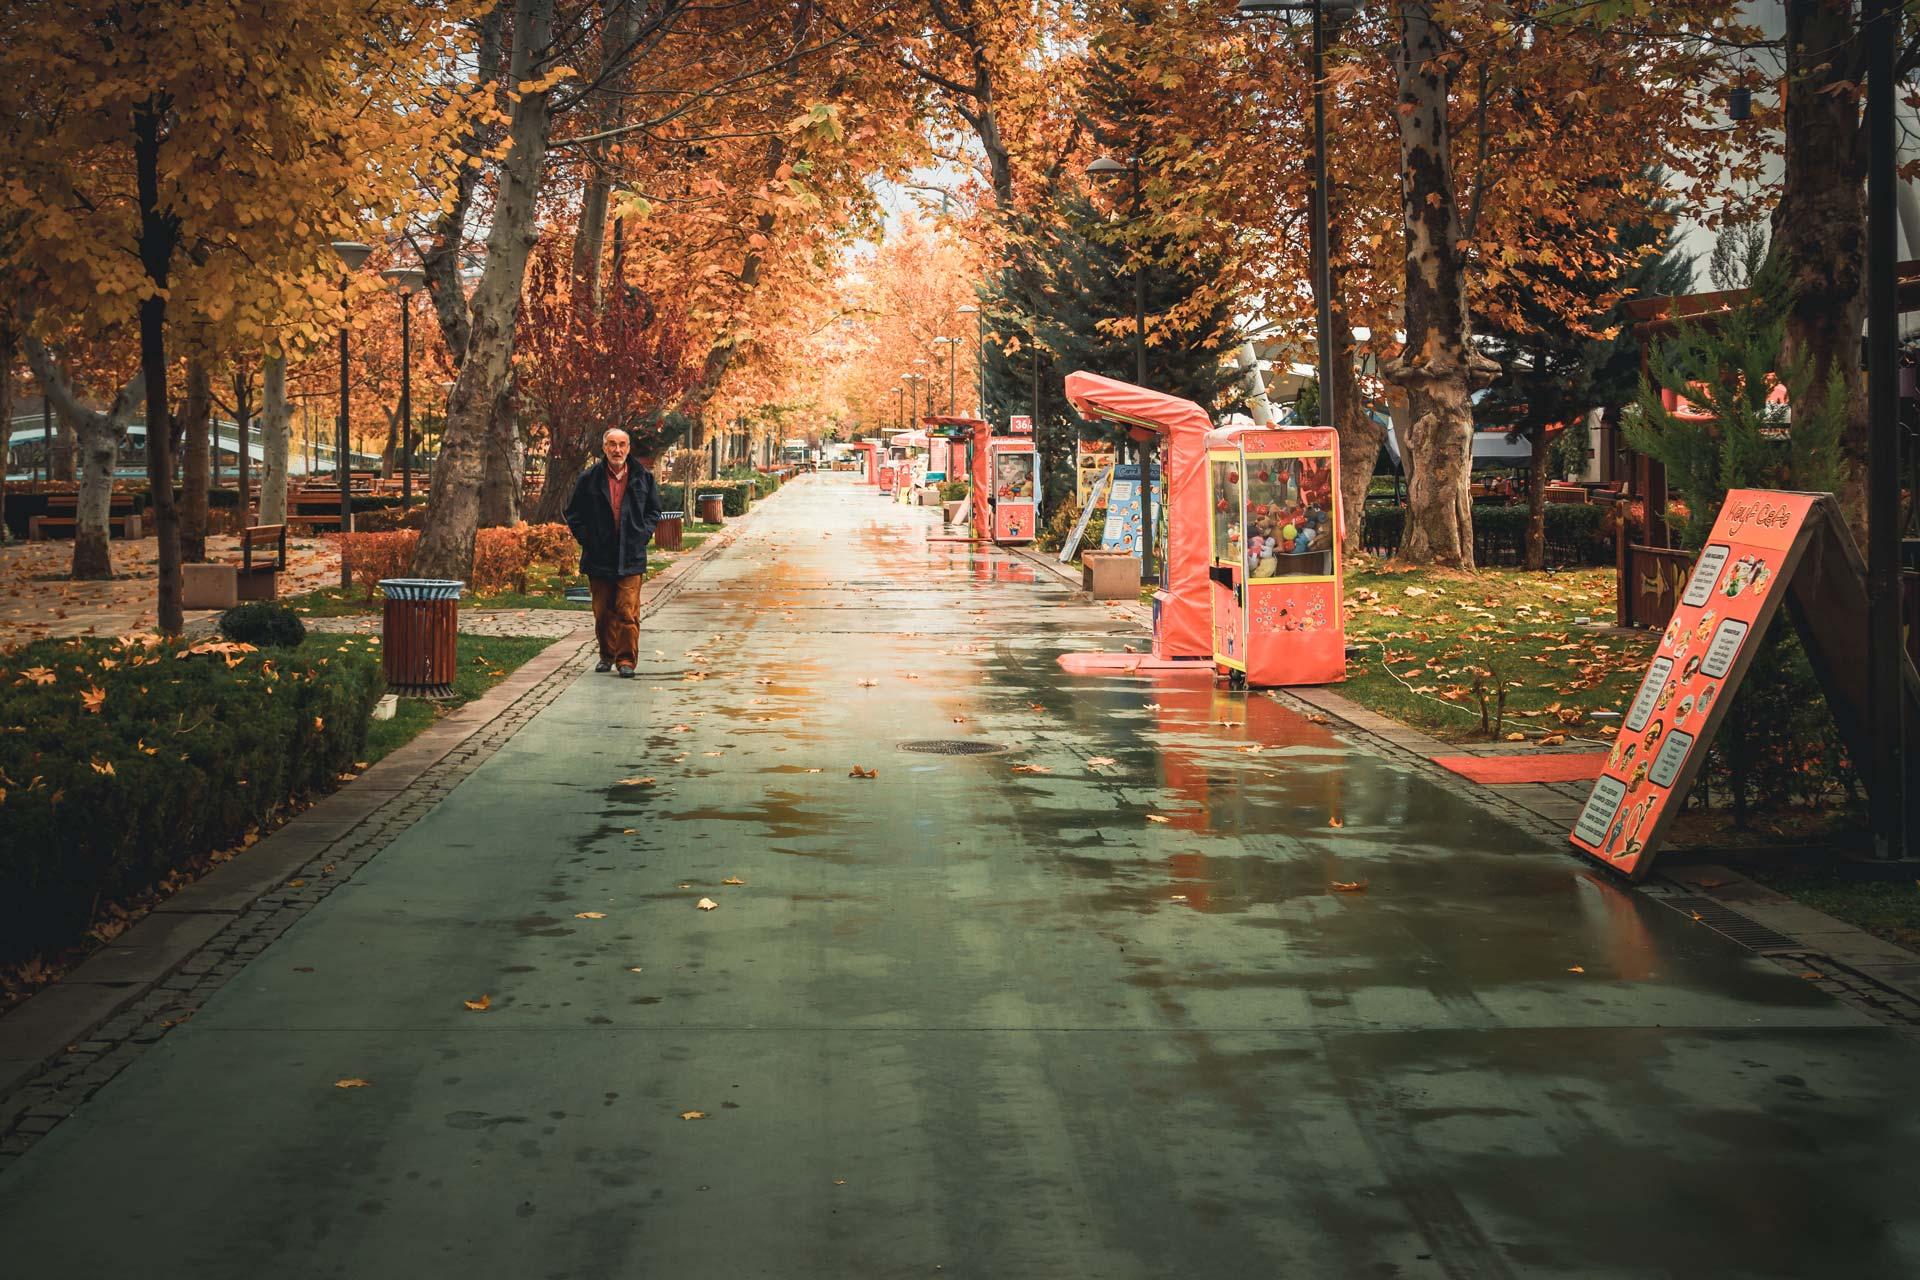 Gençlik Parkı Ankara Ulus Gençlik Parkı Resimleri Gençlik Parkı Fotoğrafları Çekergezer Hakan Aydın Fotoğrafları